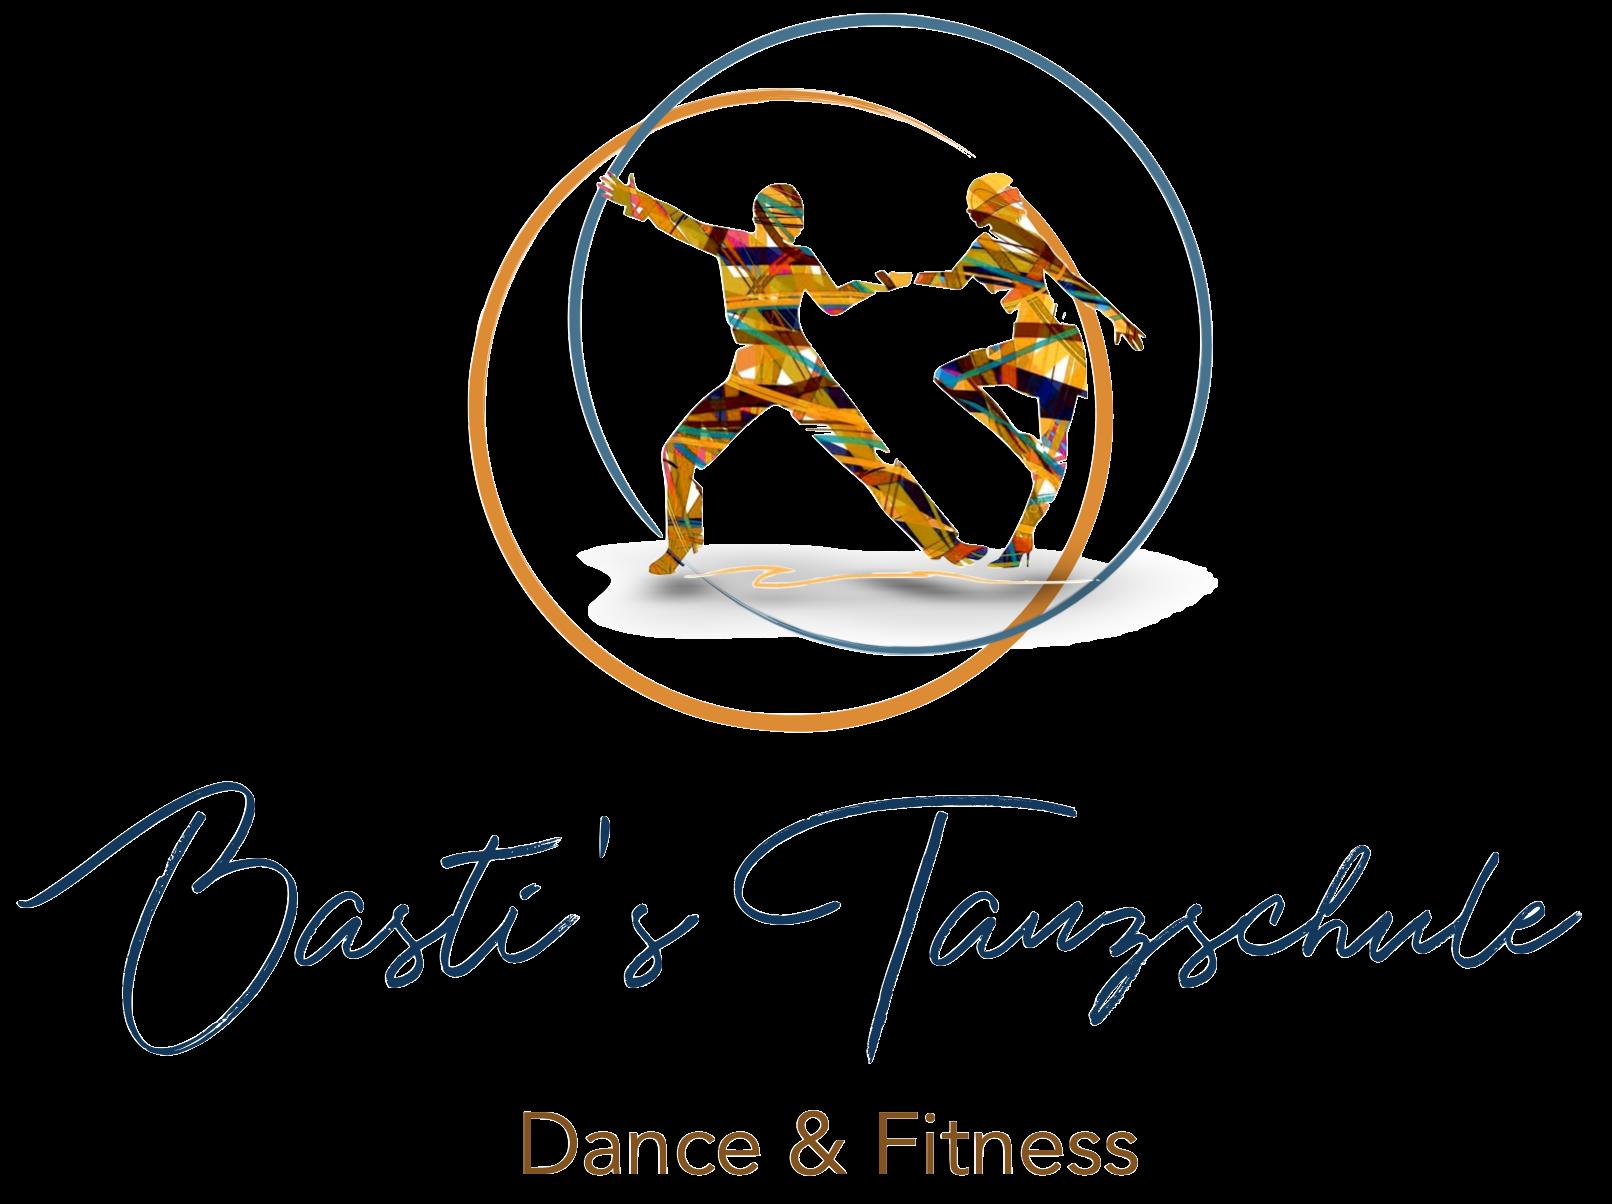 Basti's Tanzschule